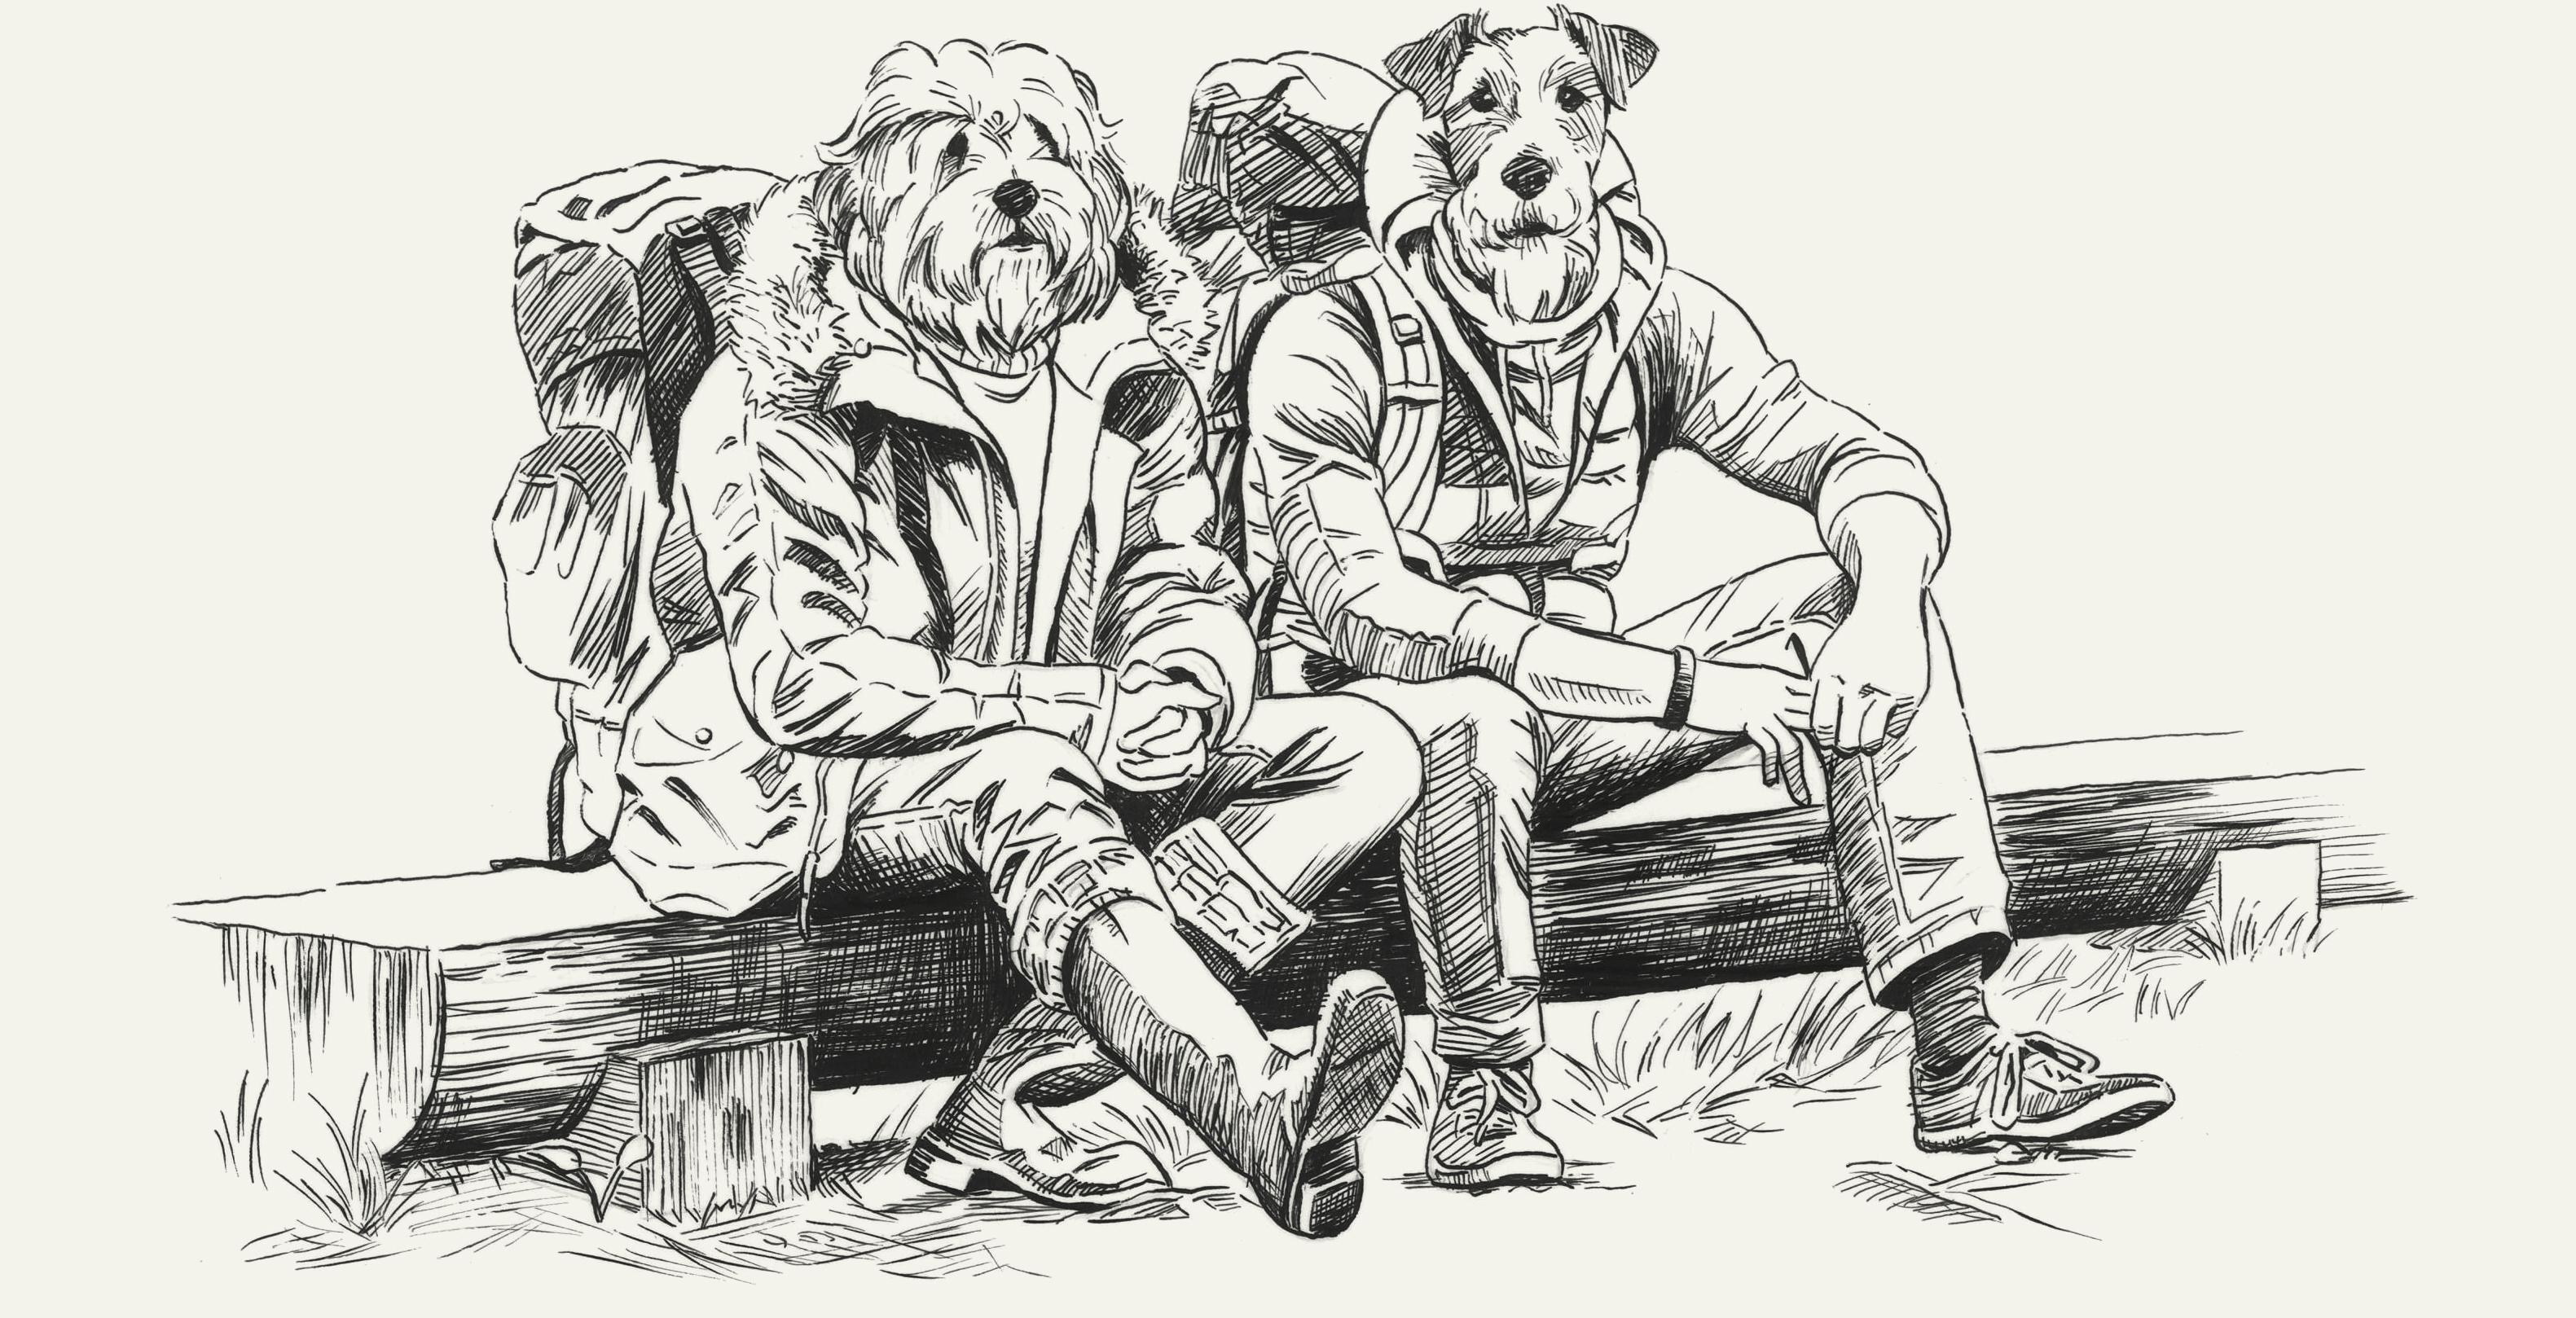 ベンチに座る犬デッサンイラスト